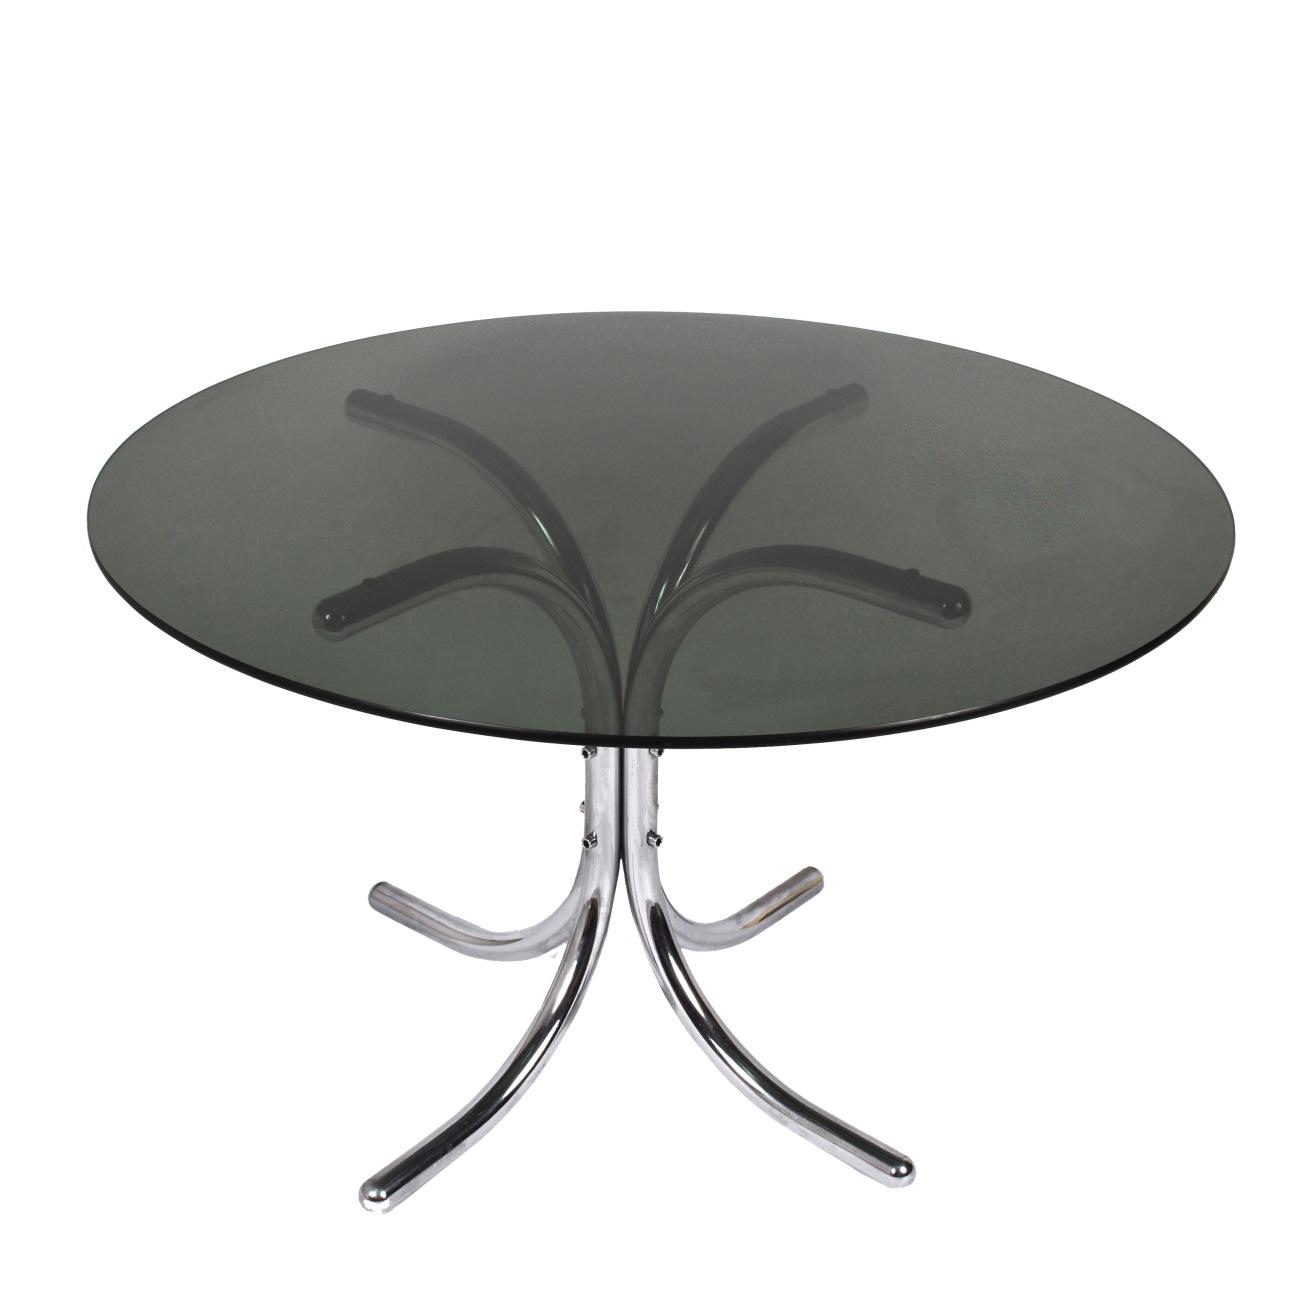 Tavolo Cristallo Design Anni 70.Tavolo Da Pranzo In Acciaio Cromato E Vetro Fume Italia